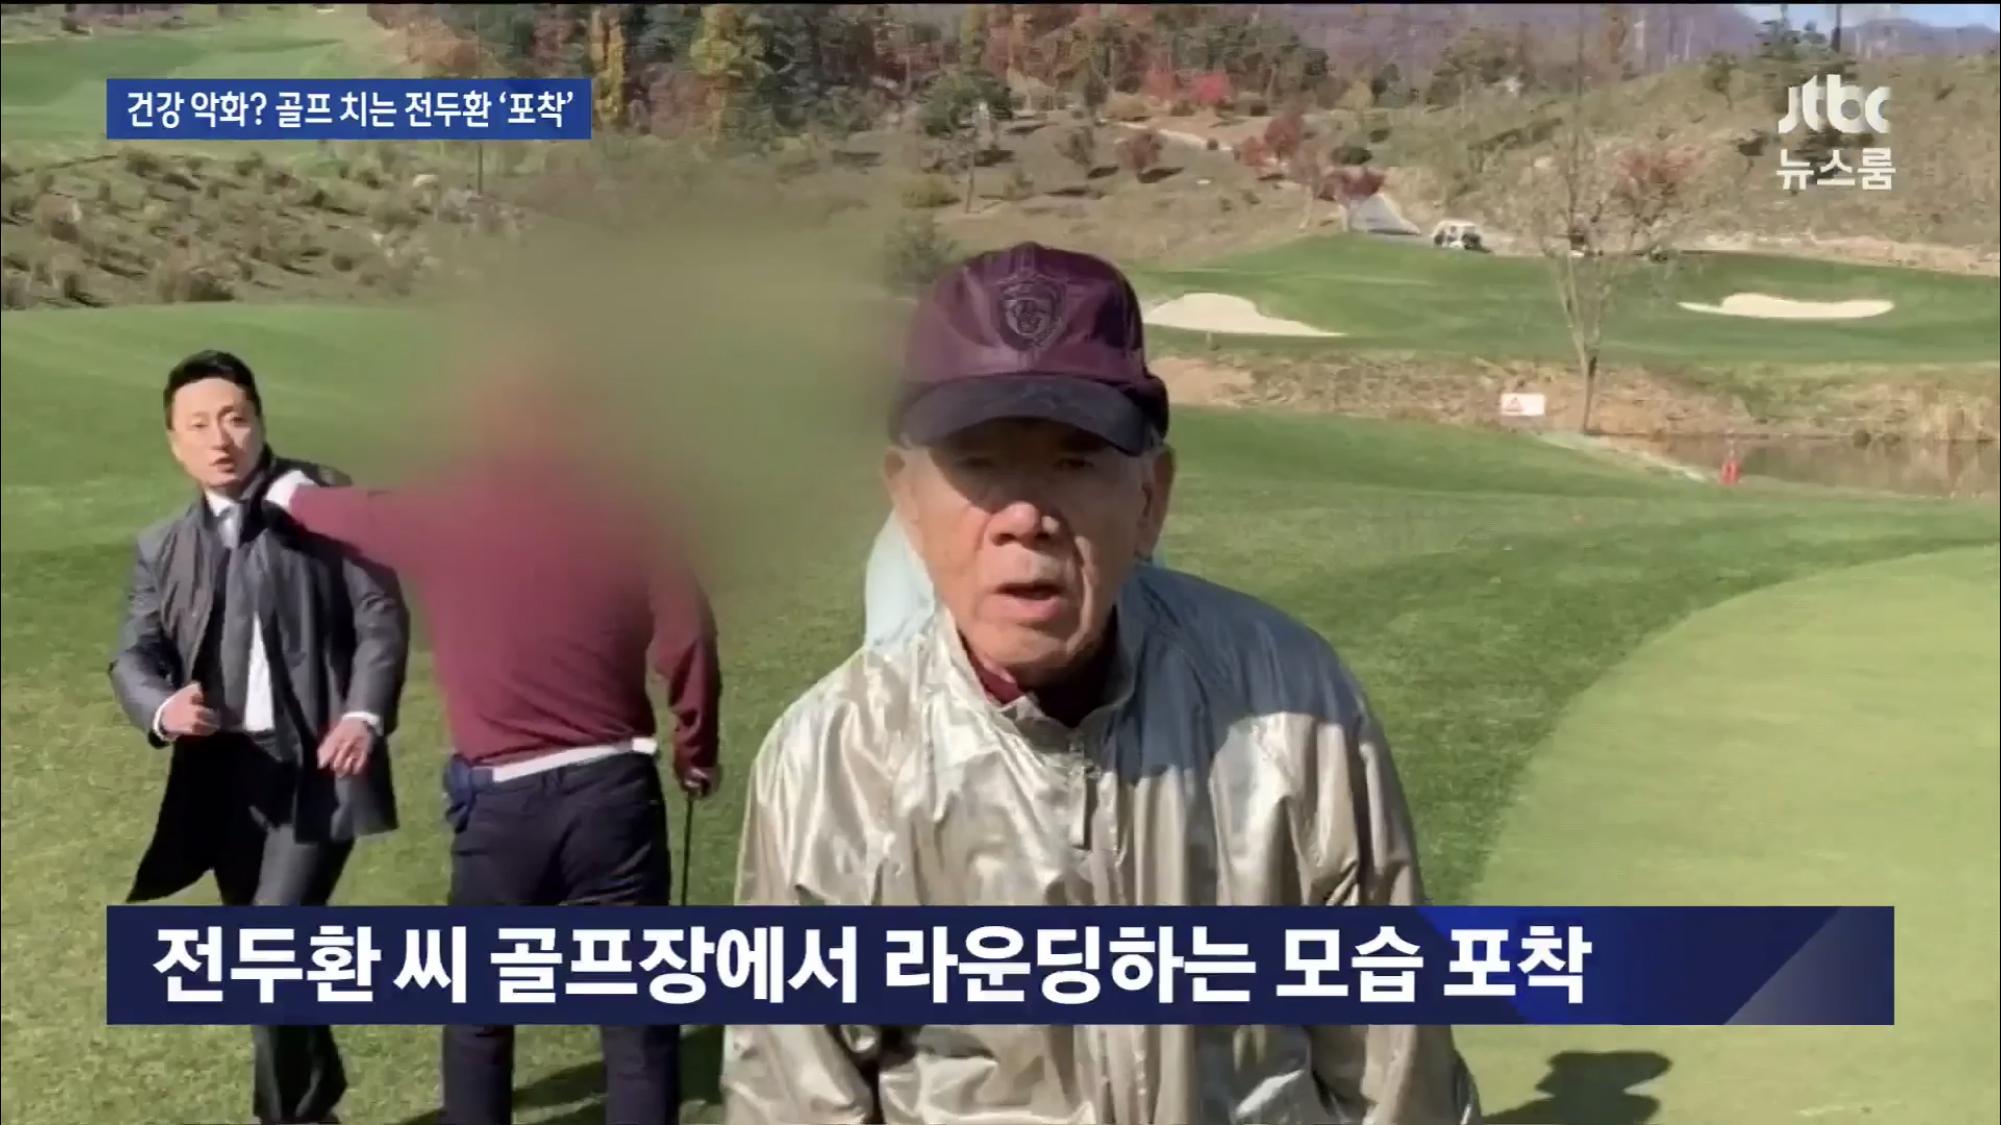 전두환 전 대통령이 지인들과 함께 골프를 치는 모습이 포착됐다. JTBC는 7일 뉴스룸을 통해 서대문구 구의원인 임한솔 정의당 부대표 측이 촬영한 영상을 보도했다. [JTBC]